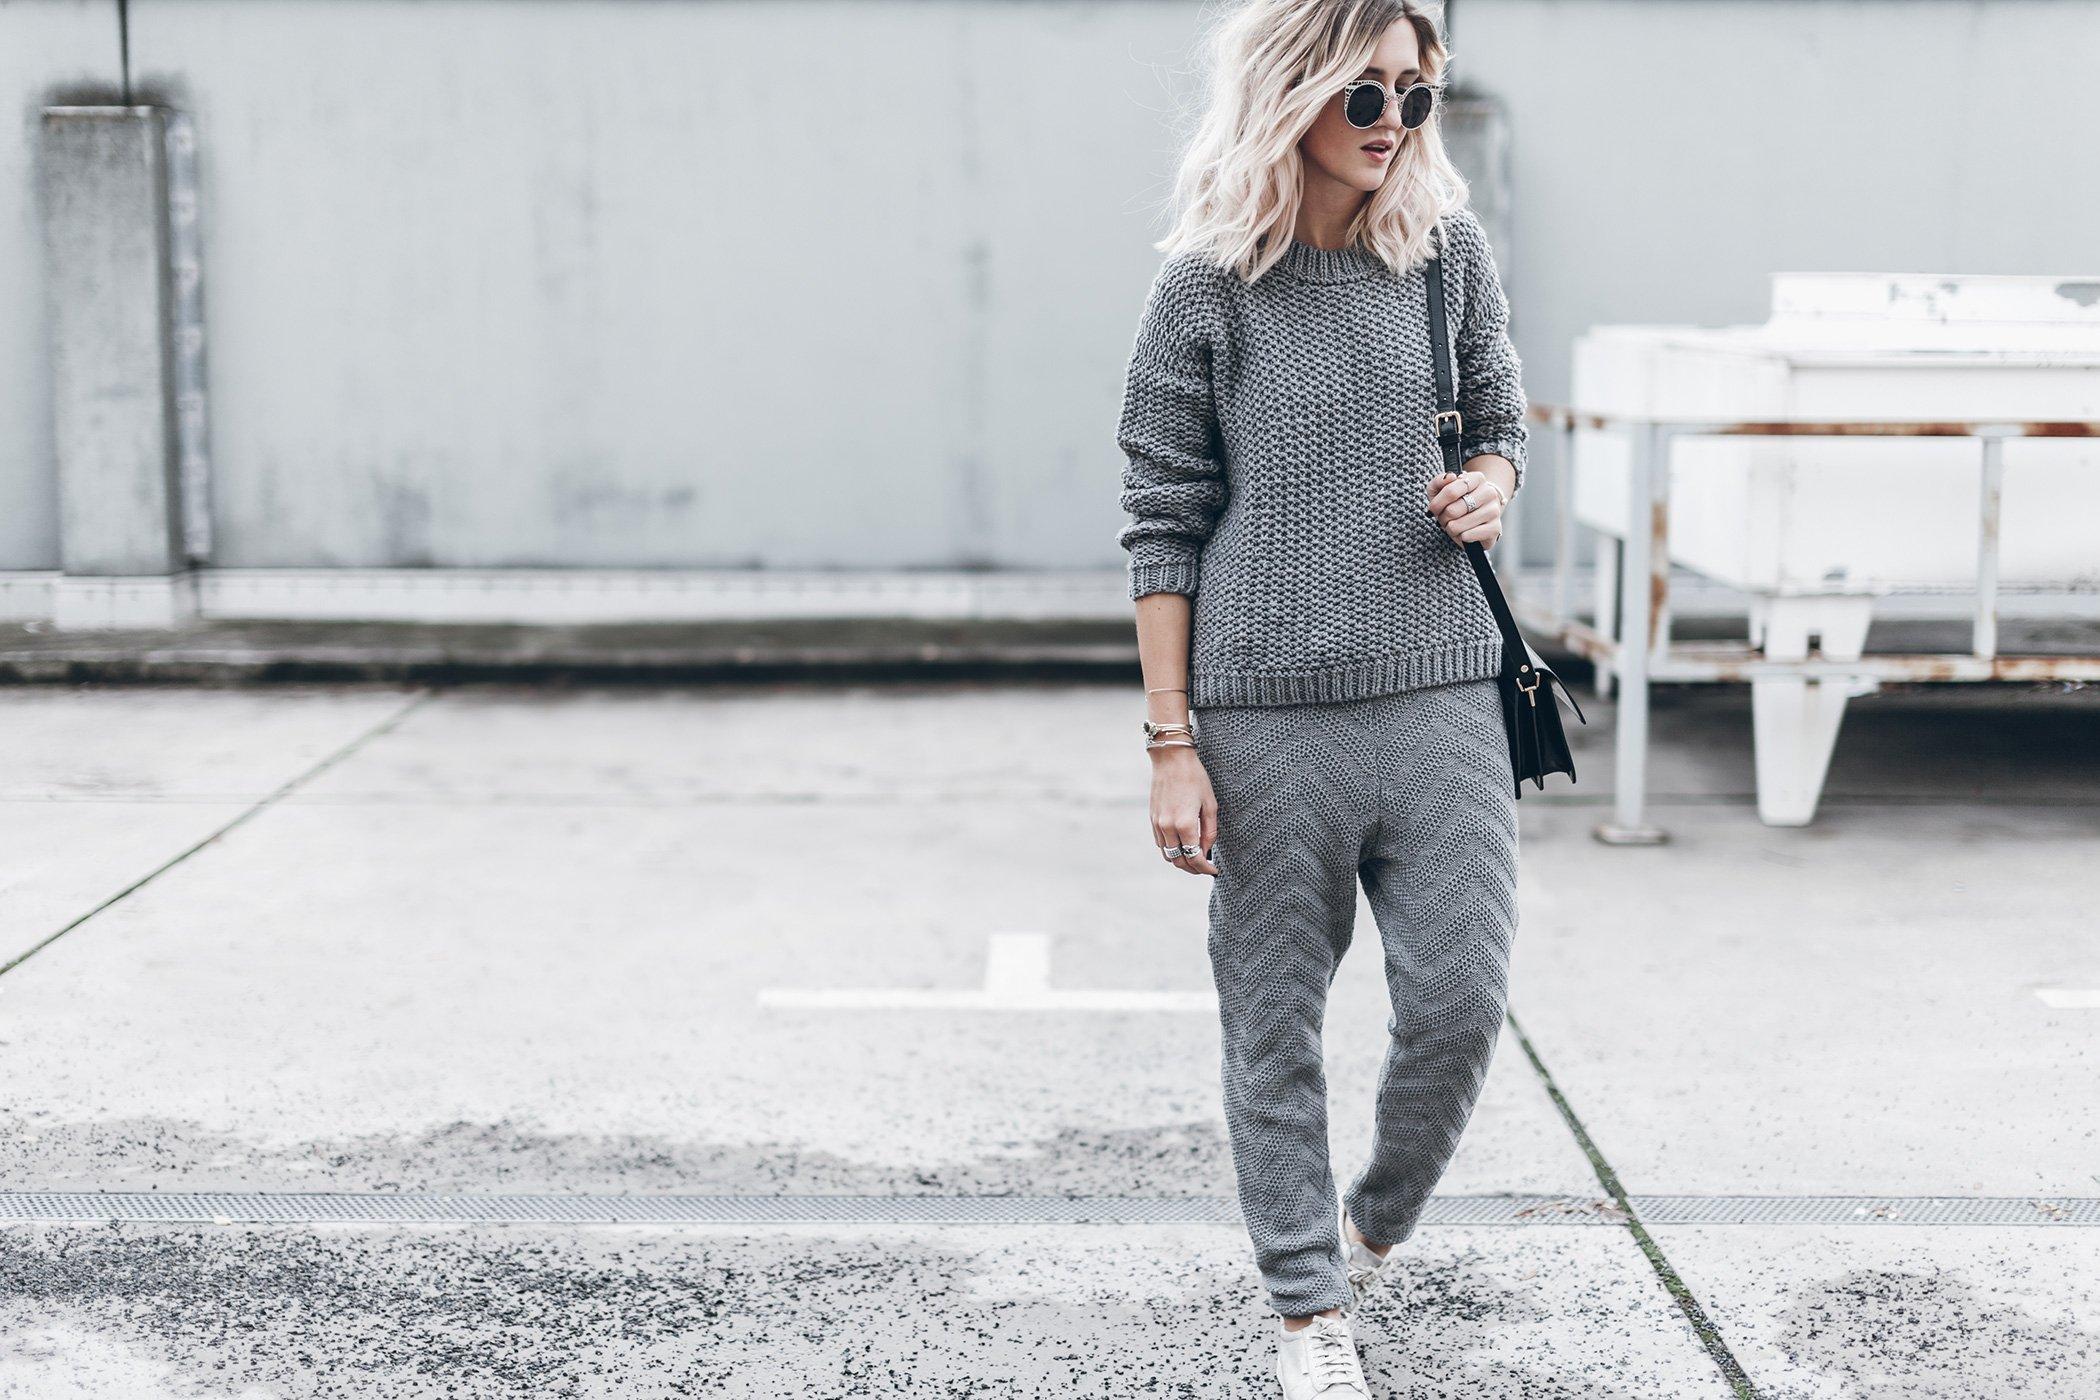 mikuta-vivian-graf-grey-knit-1